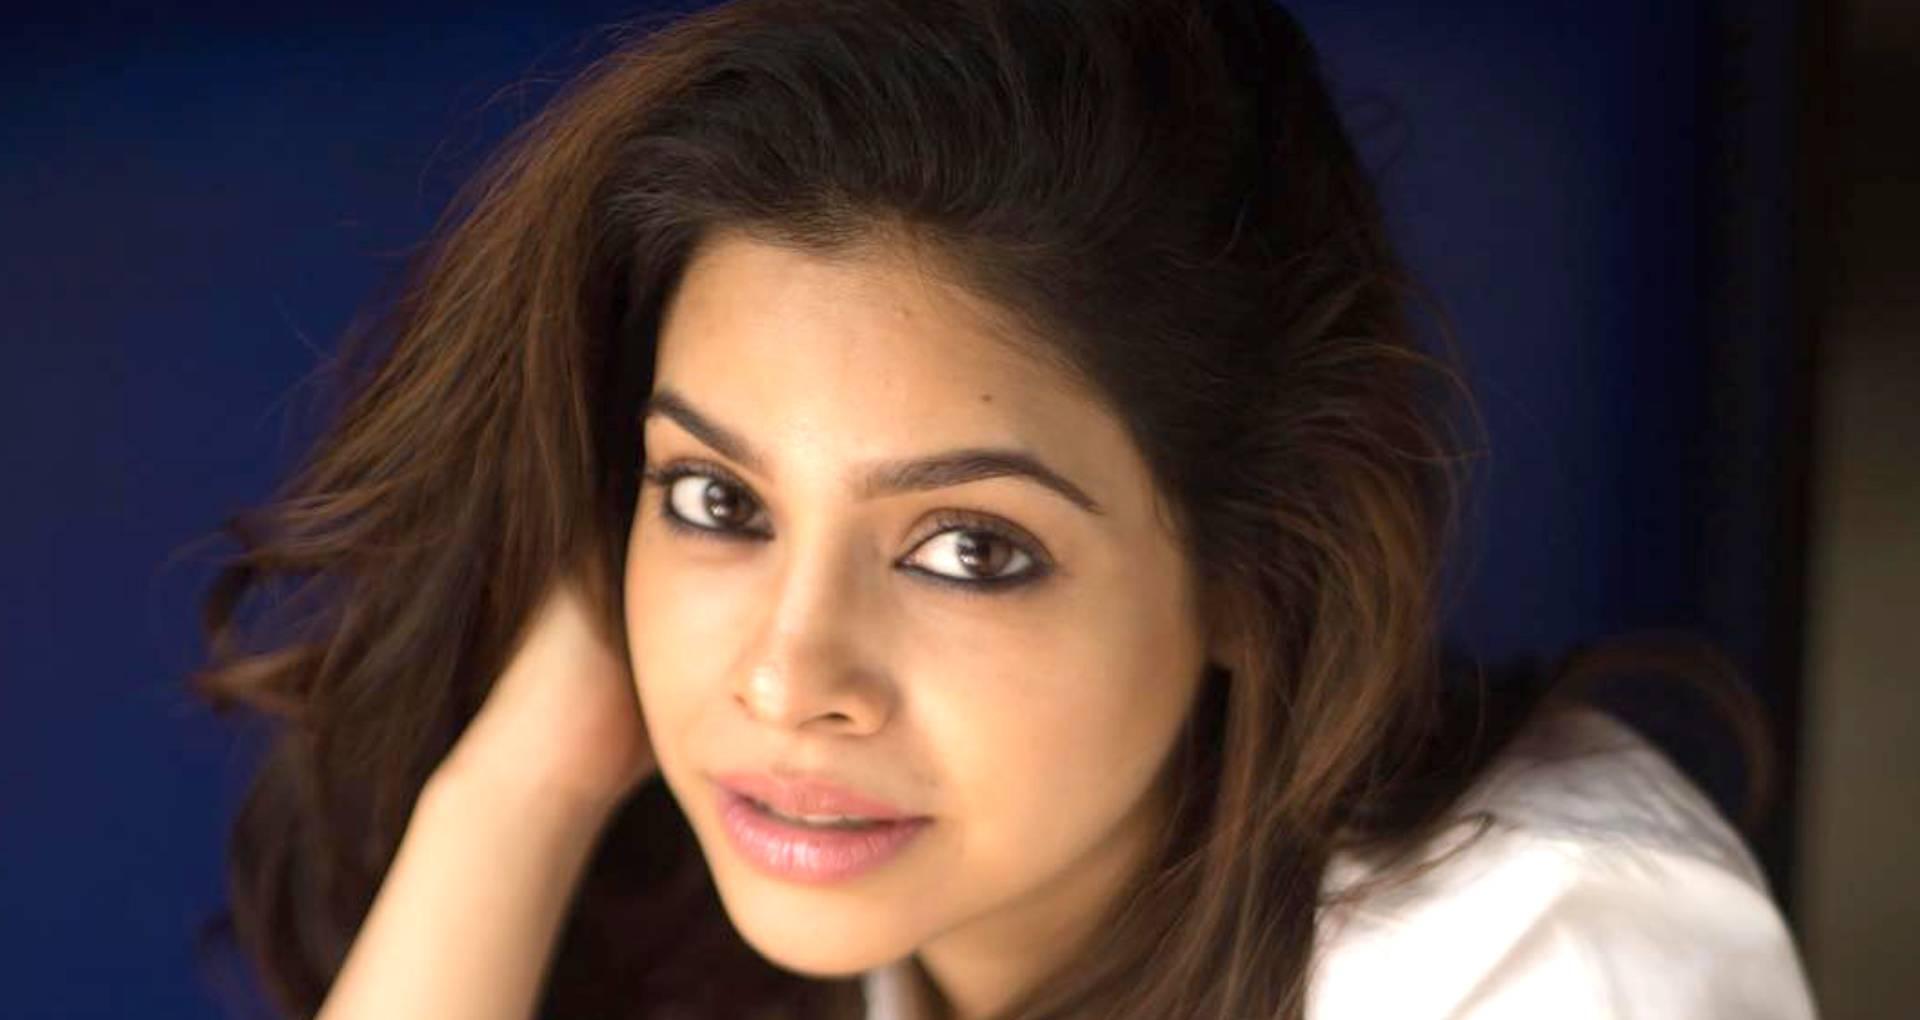 हिना खान के सपोर्ट में आई सुमोना चक्रवर्ती, बोली- छोटे पर्दे के सितारों को कम न समझे कोई